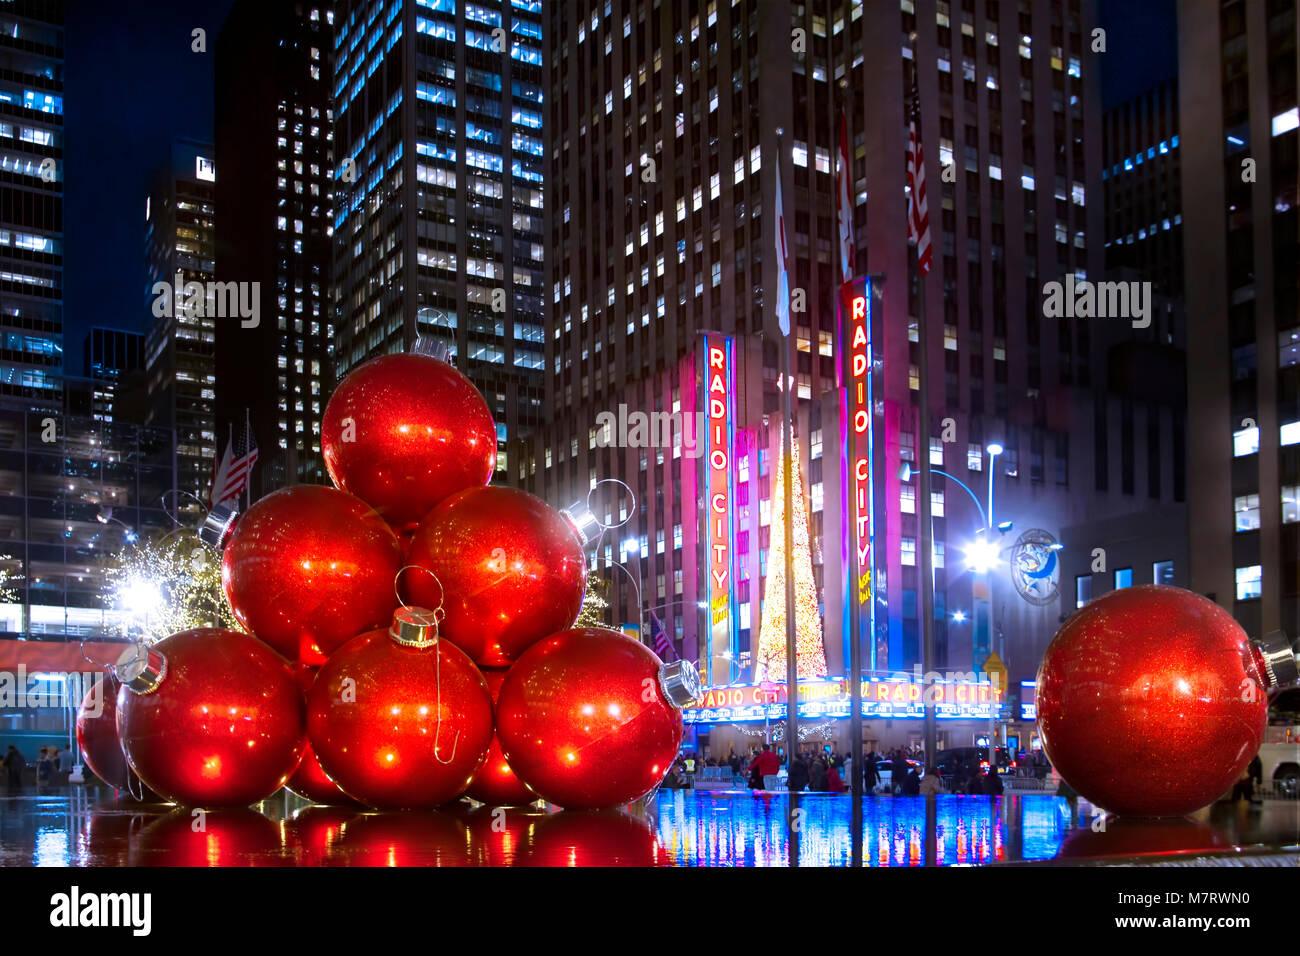 Die schöne zeigt am Rockefeller Center im Dezember. Weihnachten in ...